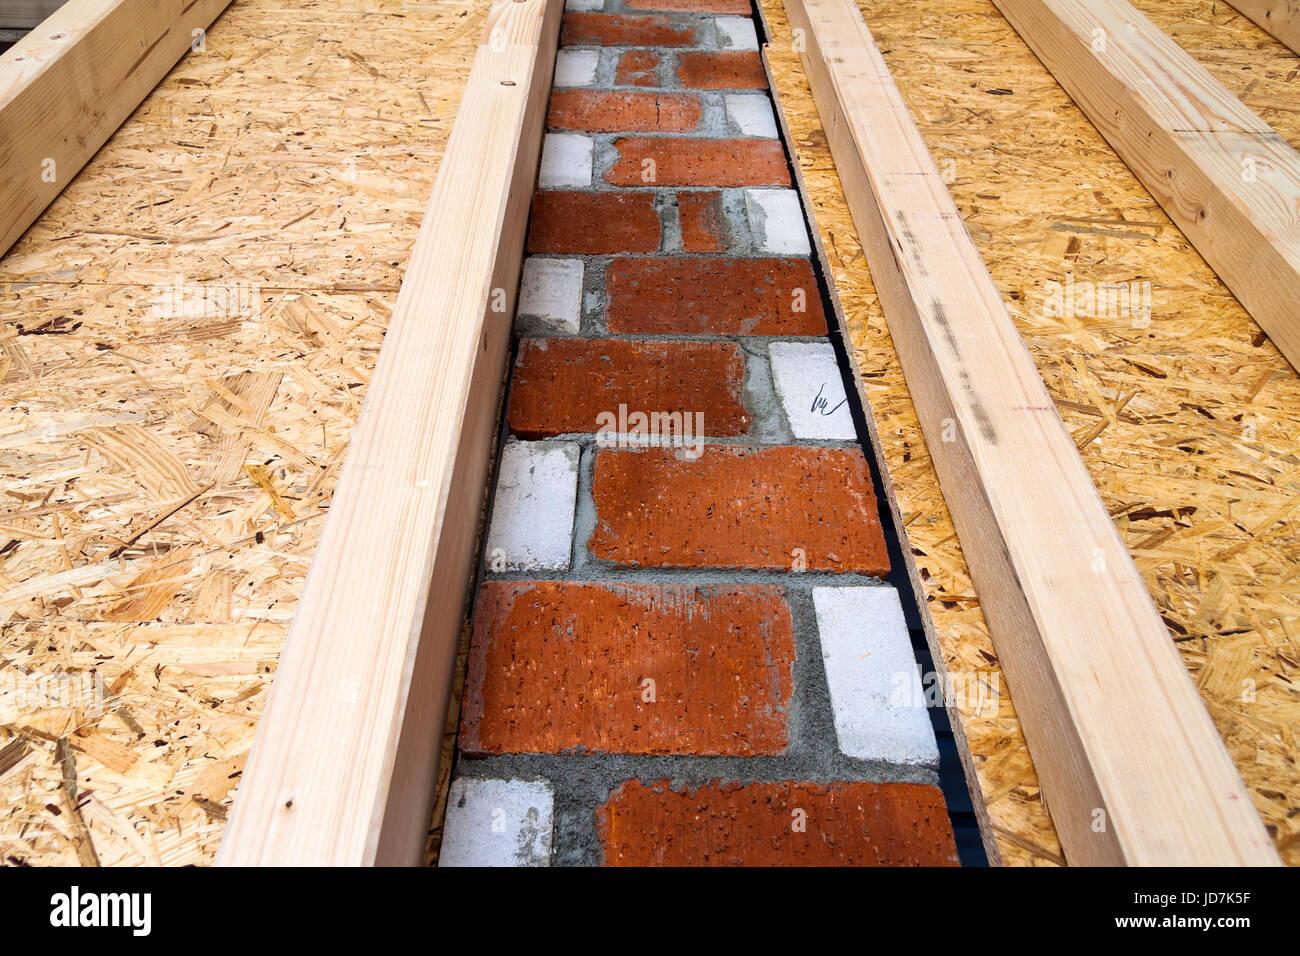 Truss Wall House Stockfotos & Truss Wall House Bilder - Seite 2 - Alamy